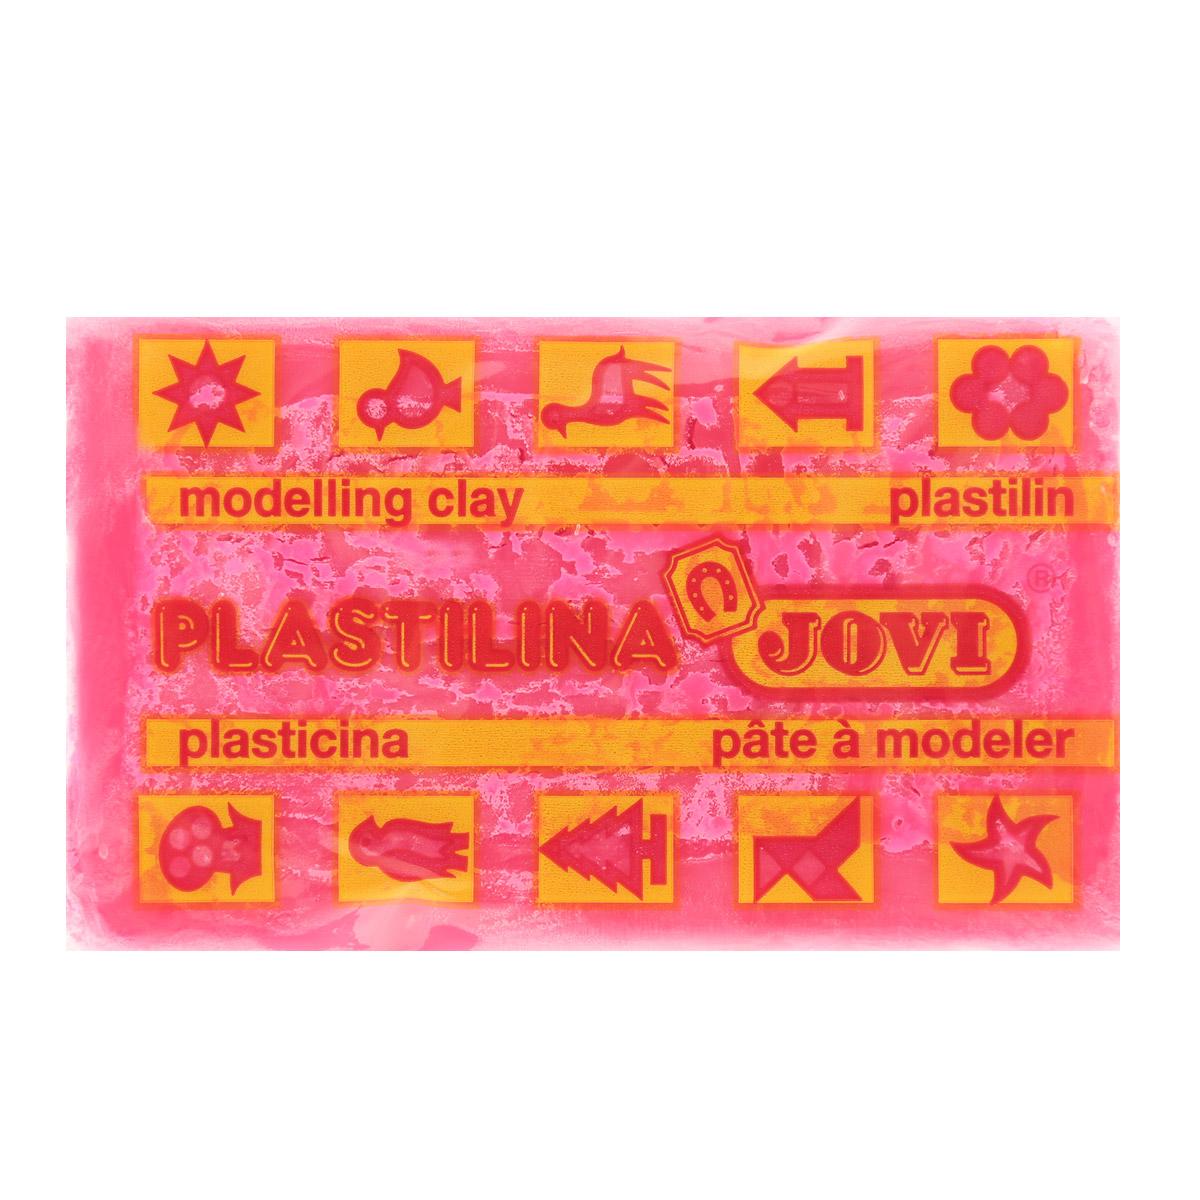 Пластилин Jovi, флюоресцентный, цвет: малиновый, 50 г70F-U_малиновыйПластилин Jovi - лучший выбор для лепки, он обладает превосходными изобразительными возможностями и поэтому дает простор воображению и самым смелым творческим замыслам. Пластилин, изготовленный на растительной основе, очень мягкий, легко разминается и смешивается, не пачкает руки и не прилипает к рабочей поверхности. Пластилин пригоден для создания аппликаций и поделок, ручной лепки, моделирования на каркасе, пластилиновой живописи - рисовании пластилином по бумаге, картону, дереву или текстилю. Пластические свойства сохраняются в течение 5 лет.